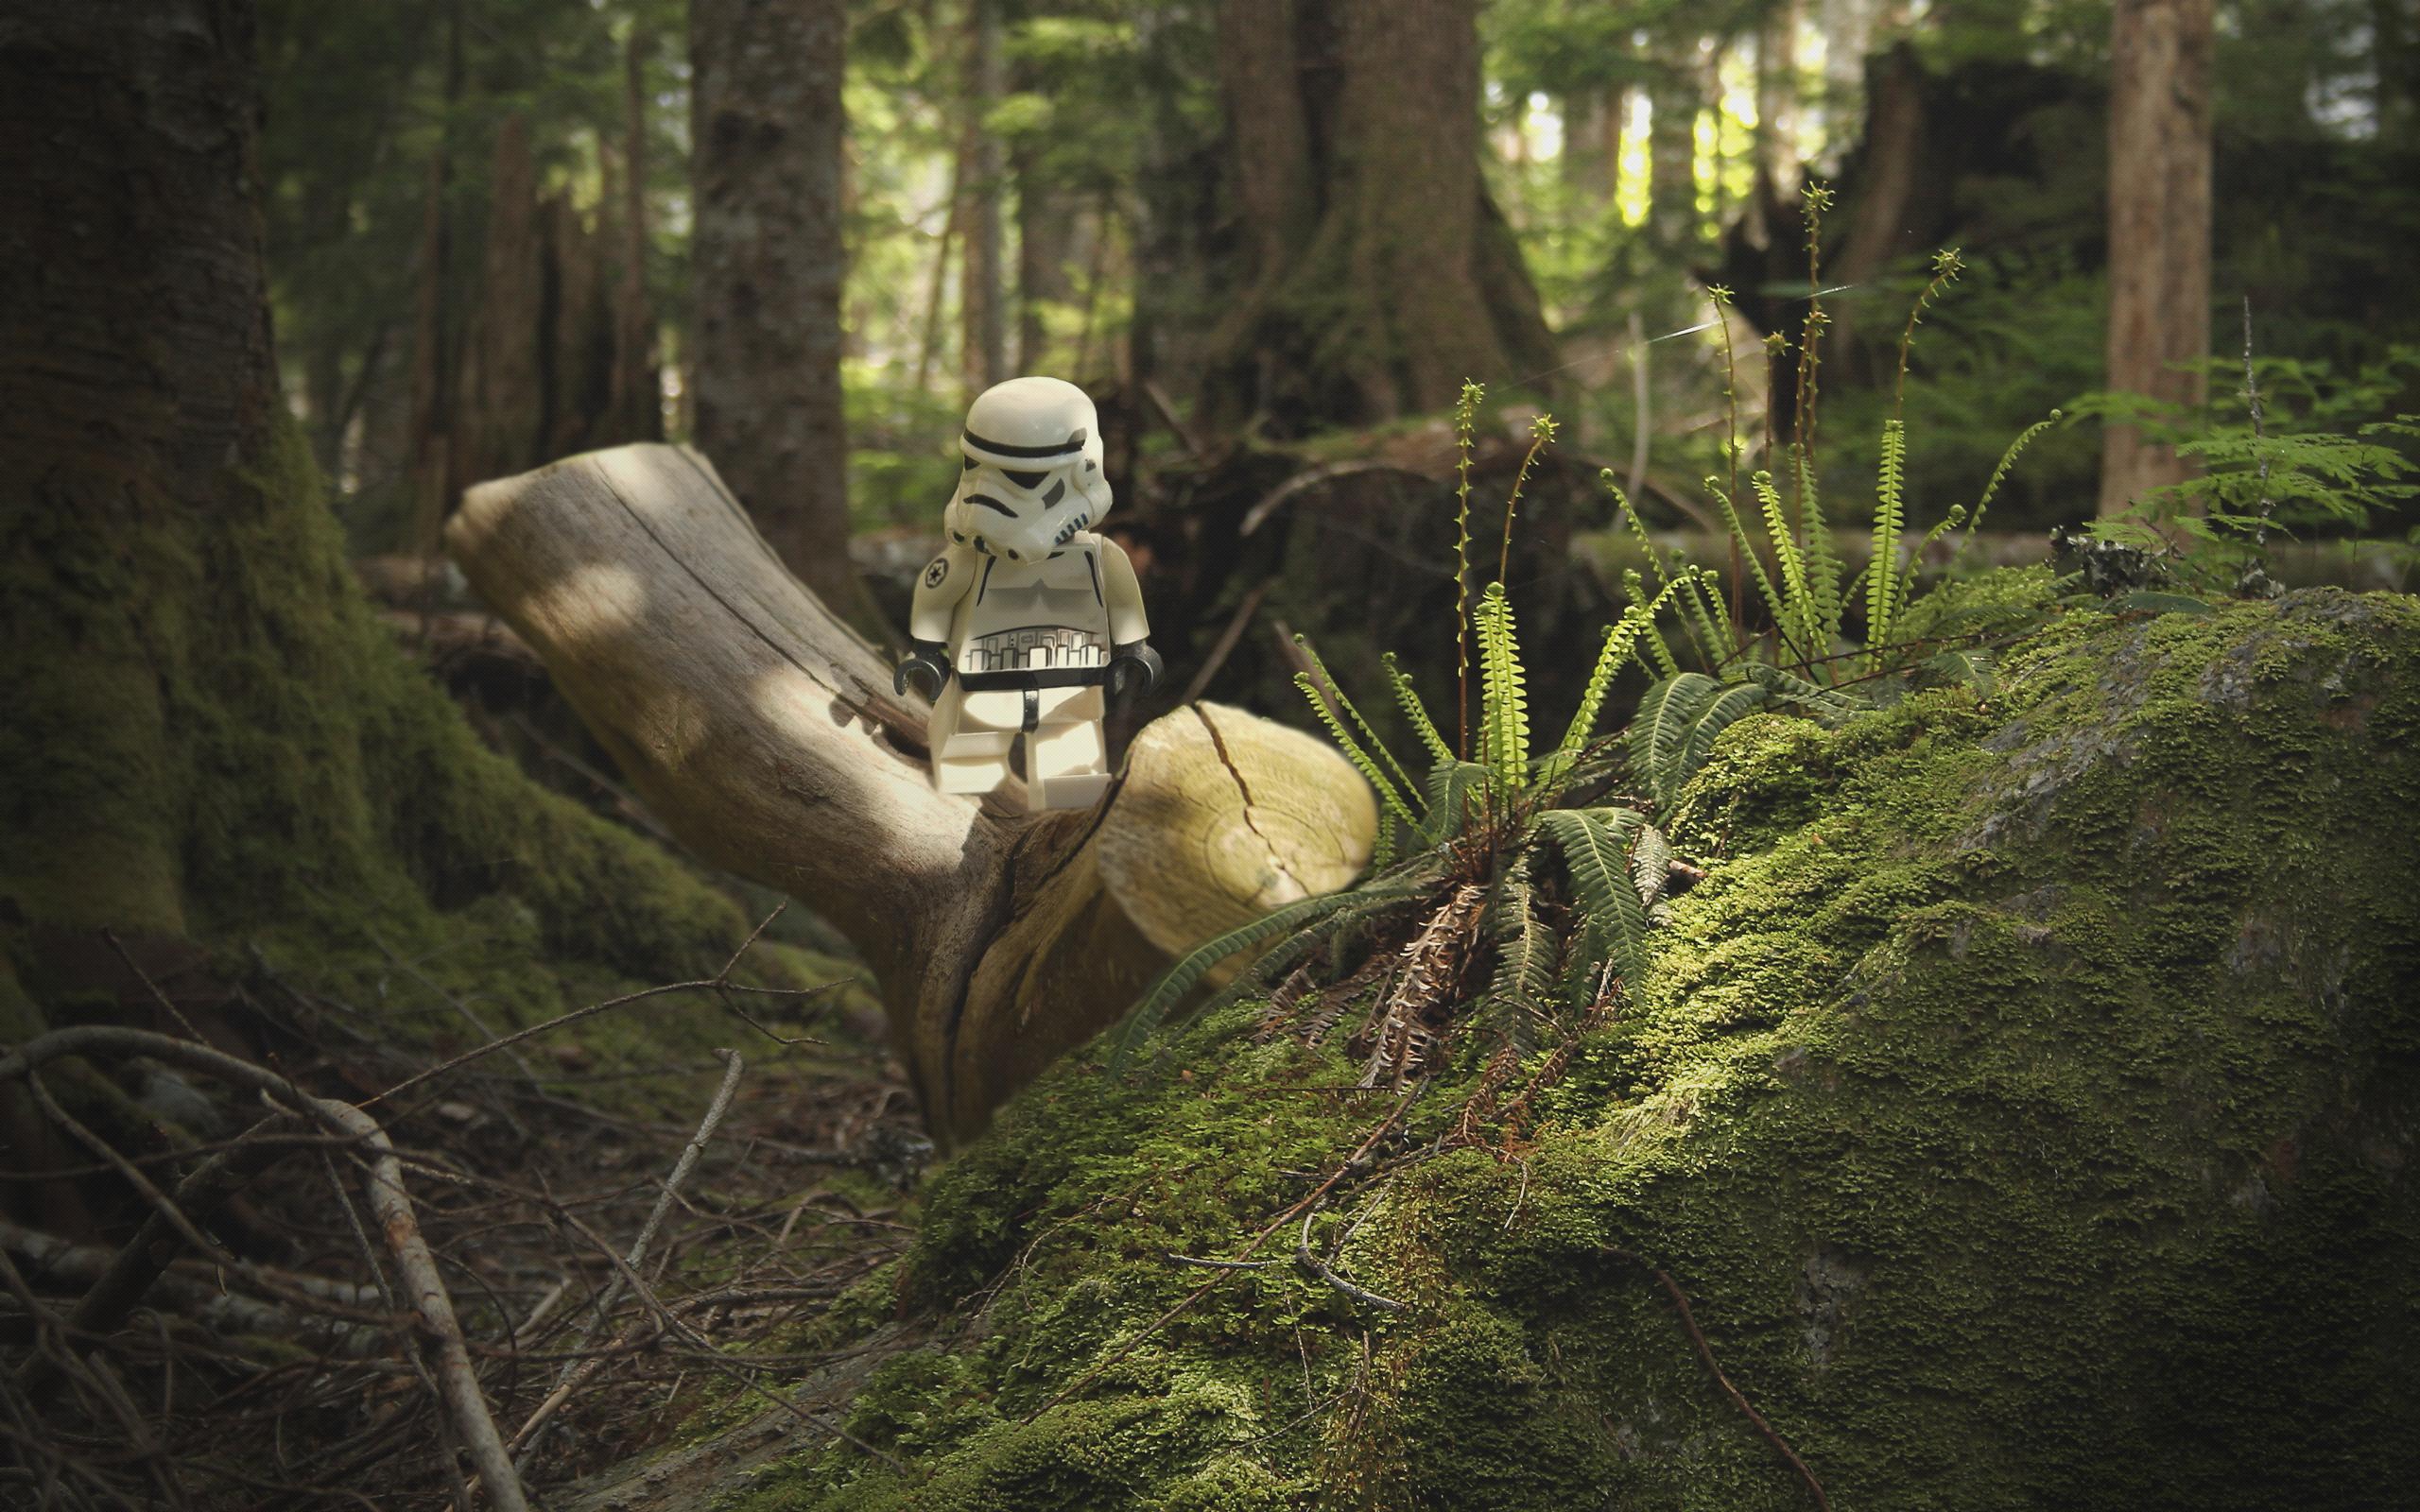 Free Download Stormtrooper Endor By Kveldsvanger 2560x1600 For